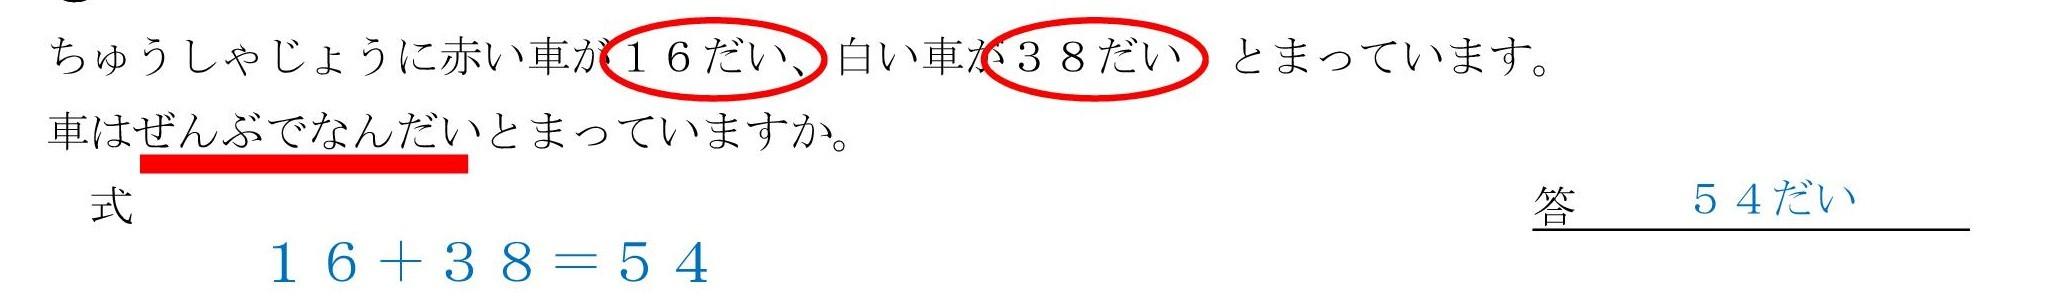 201810251336430d7.jpg